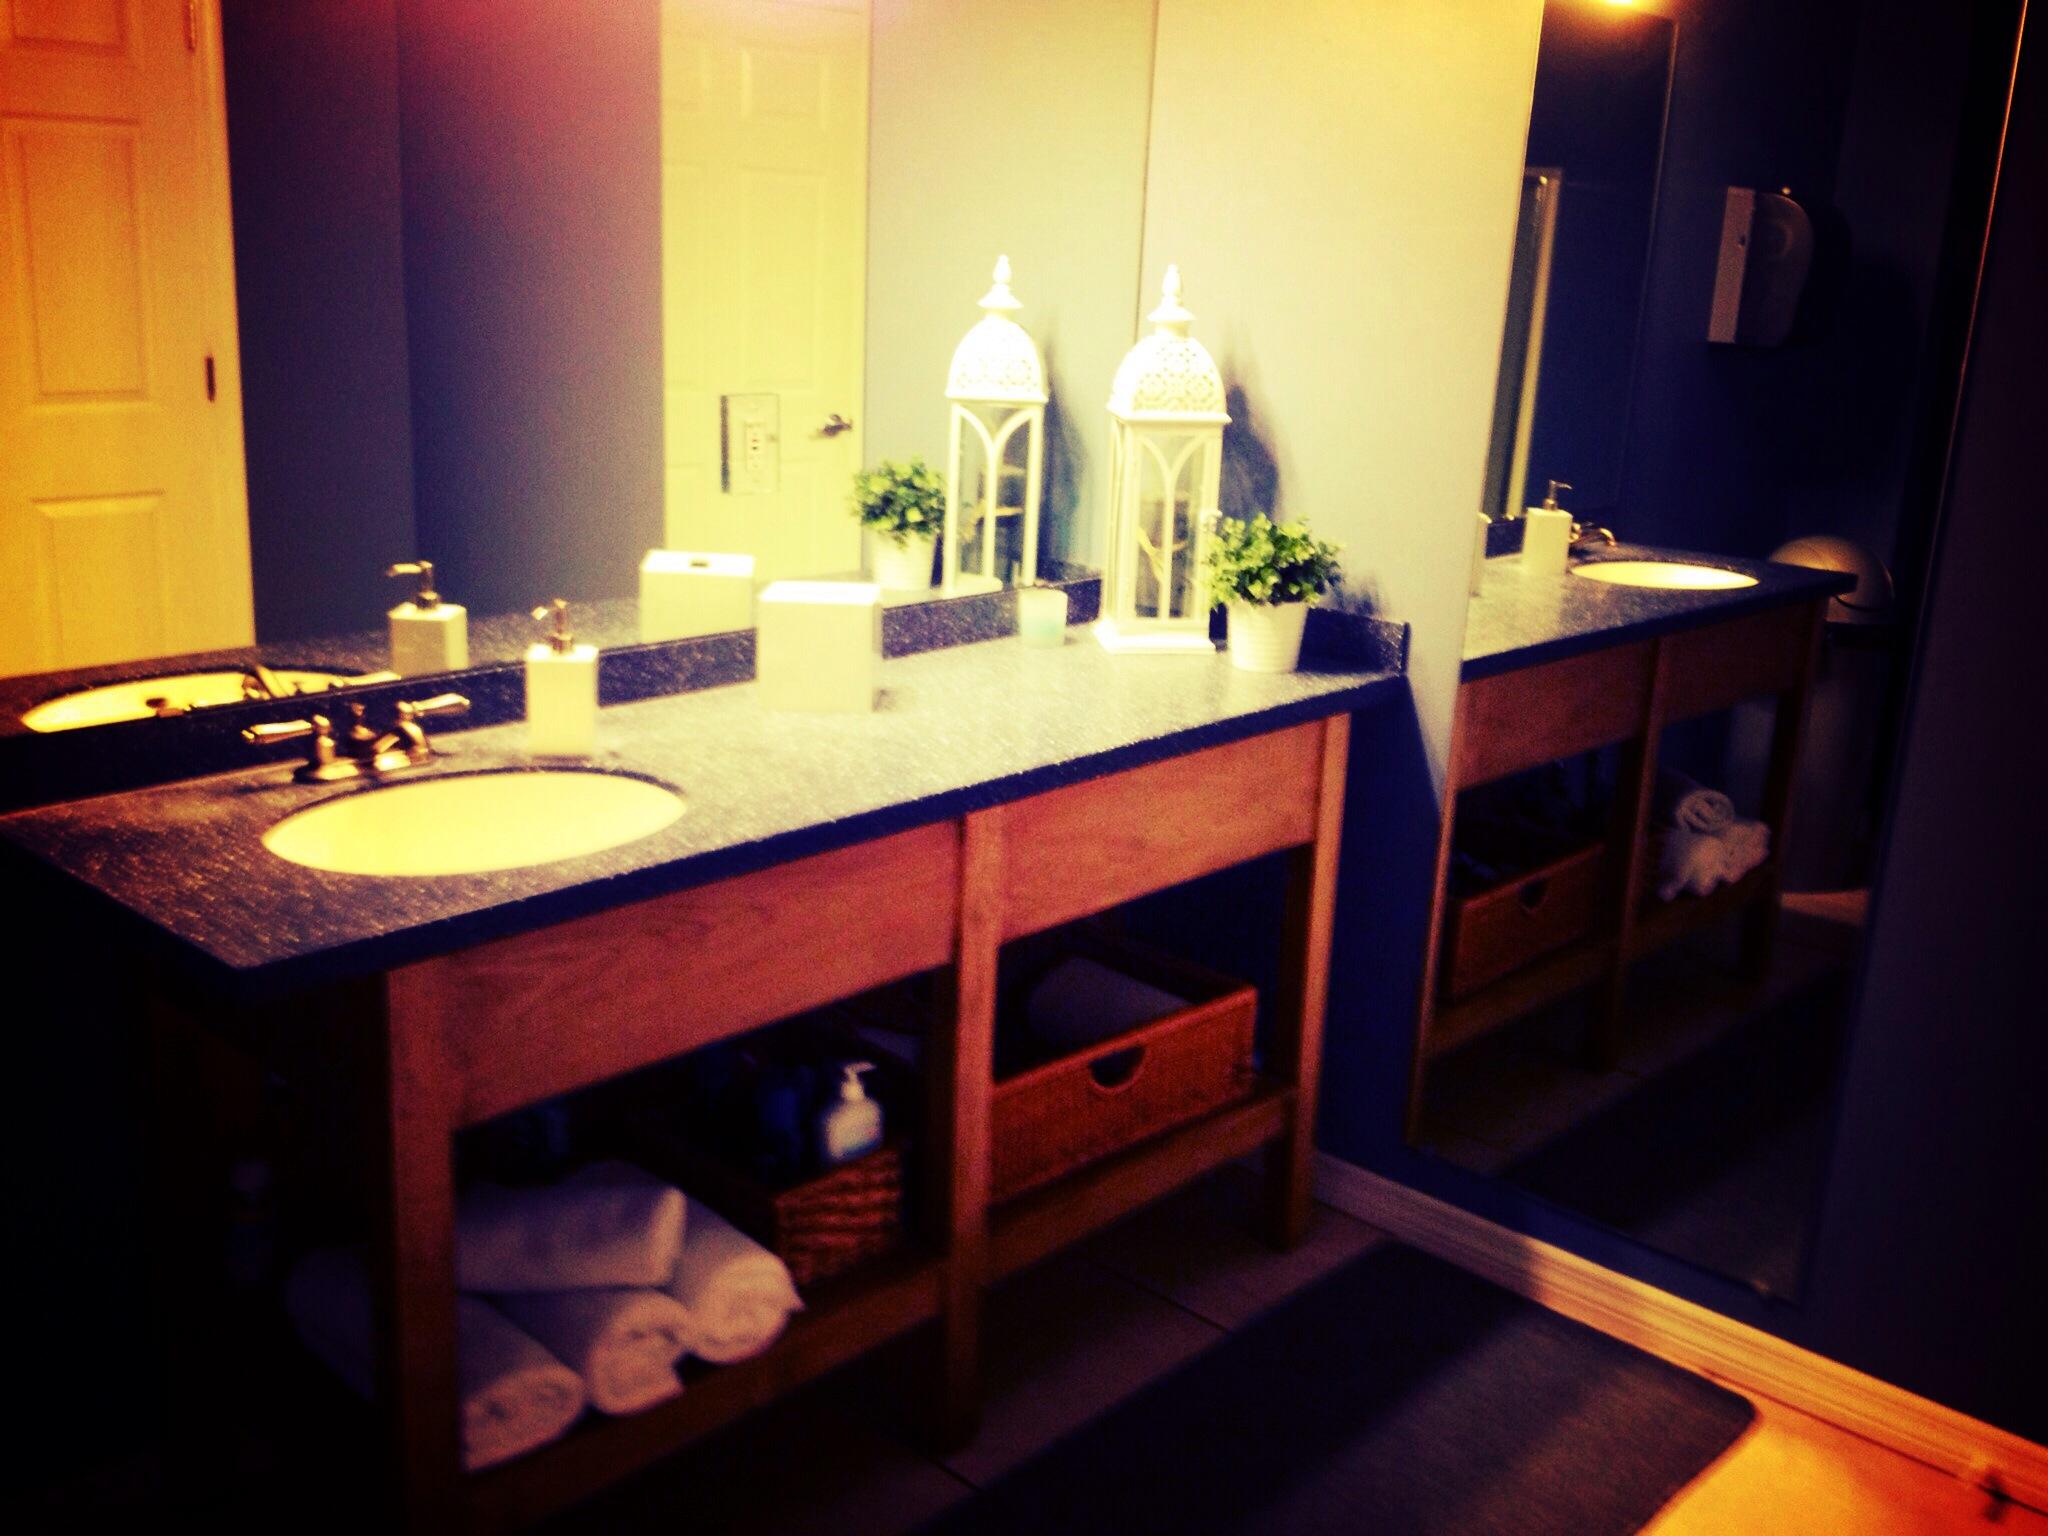 Restrooms/Shower